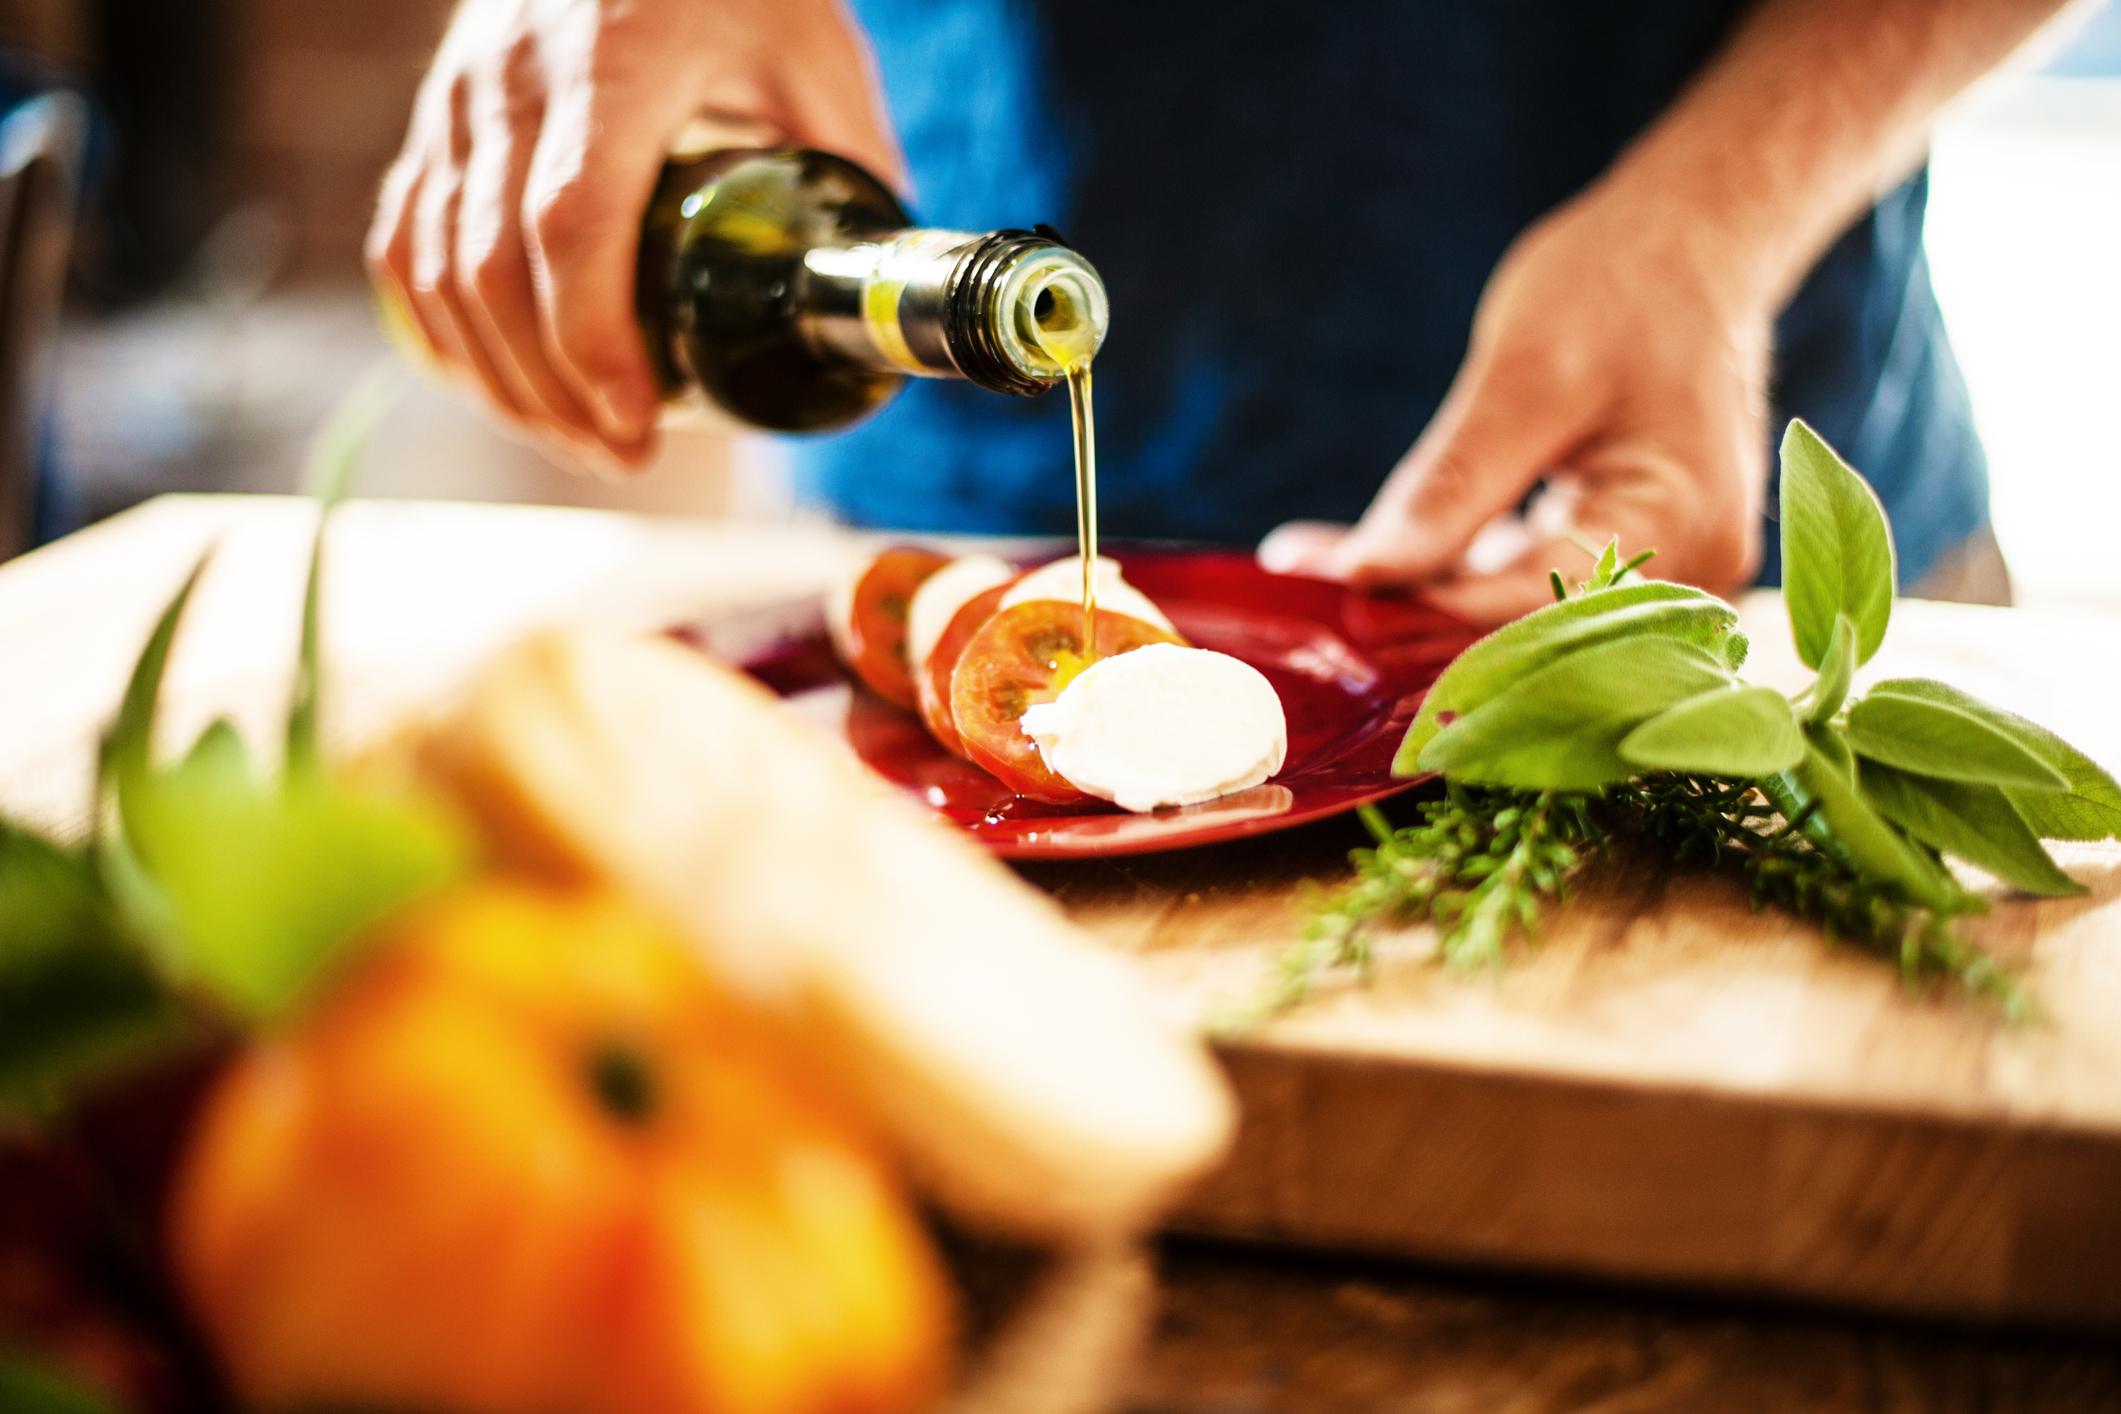 Купувайте бутилка евтин и бутилка скъп зехтин: Ако често използвате зехтин за приготвянето на различни ястия, то най-доброто, което можете да направите, е да си подсигурите под ръка един с високо качество и един по-обикновен.